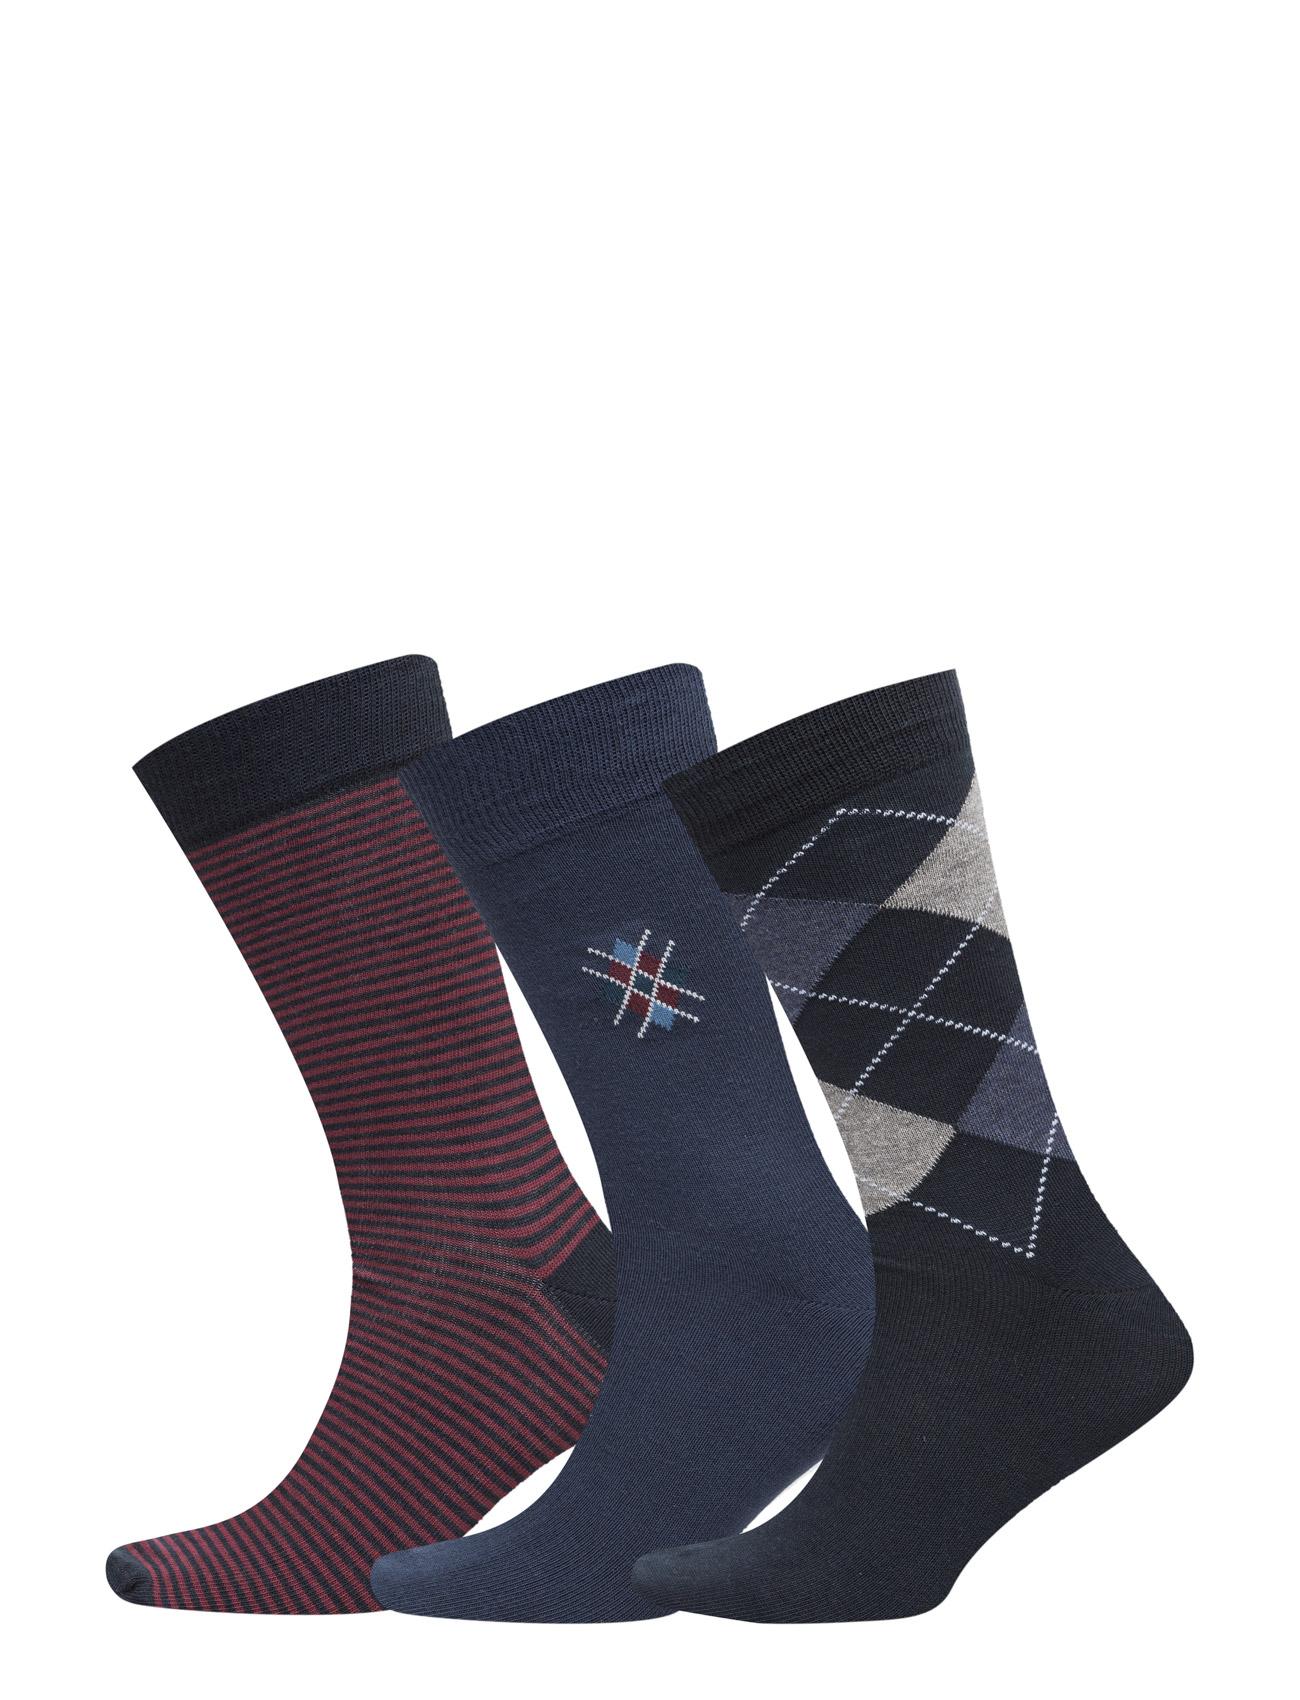 Men´S Socks 3-Pack, Antracite Melange 3 Pc/Pack TOPECO Undertøj til Mænd i antracit Melange